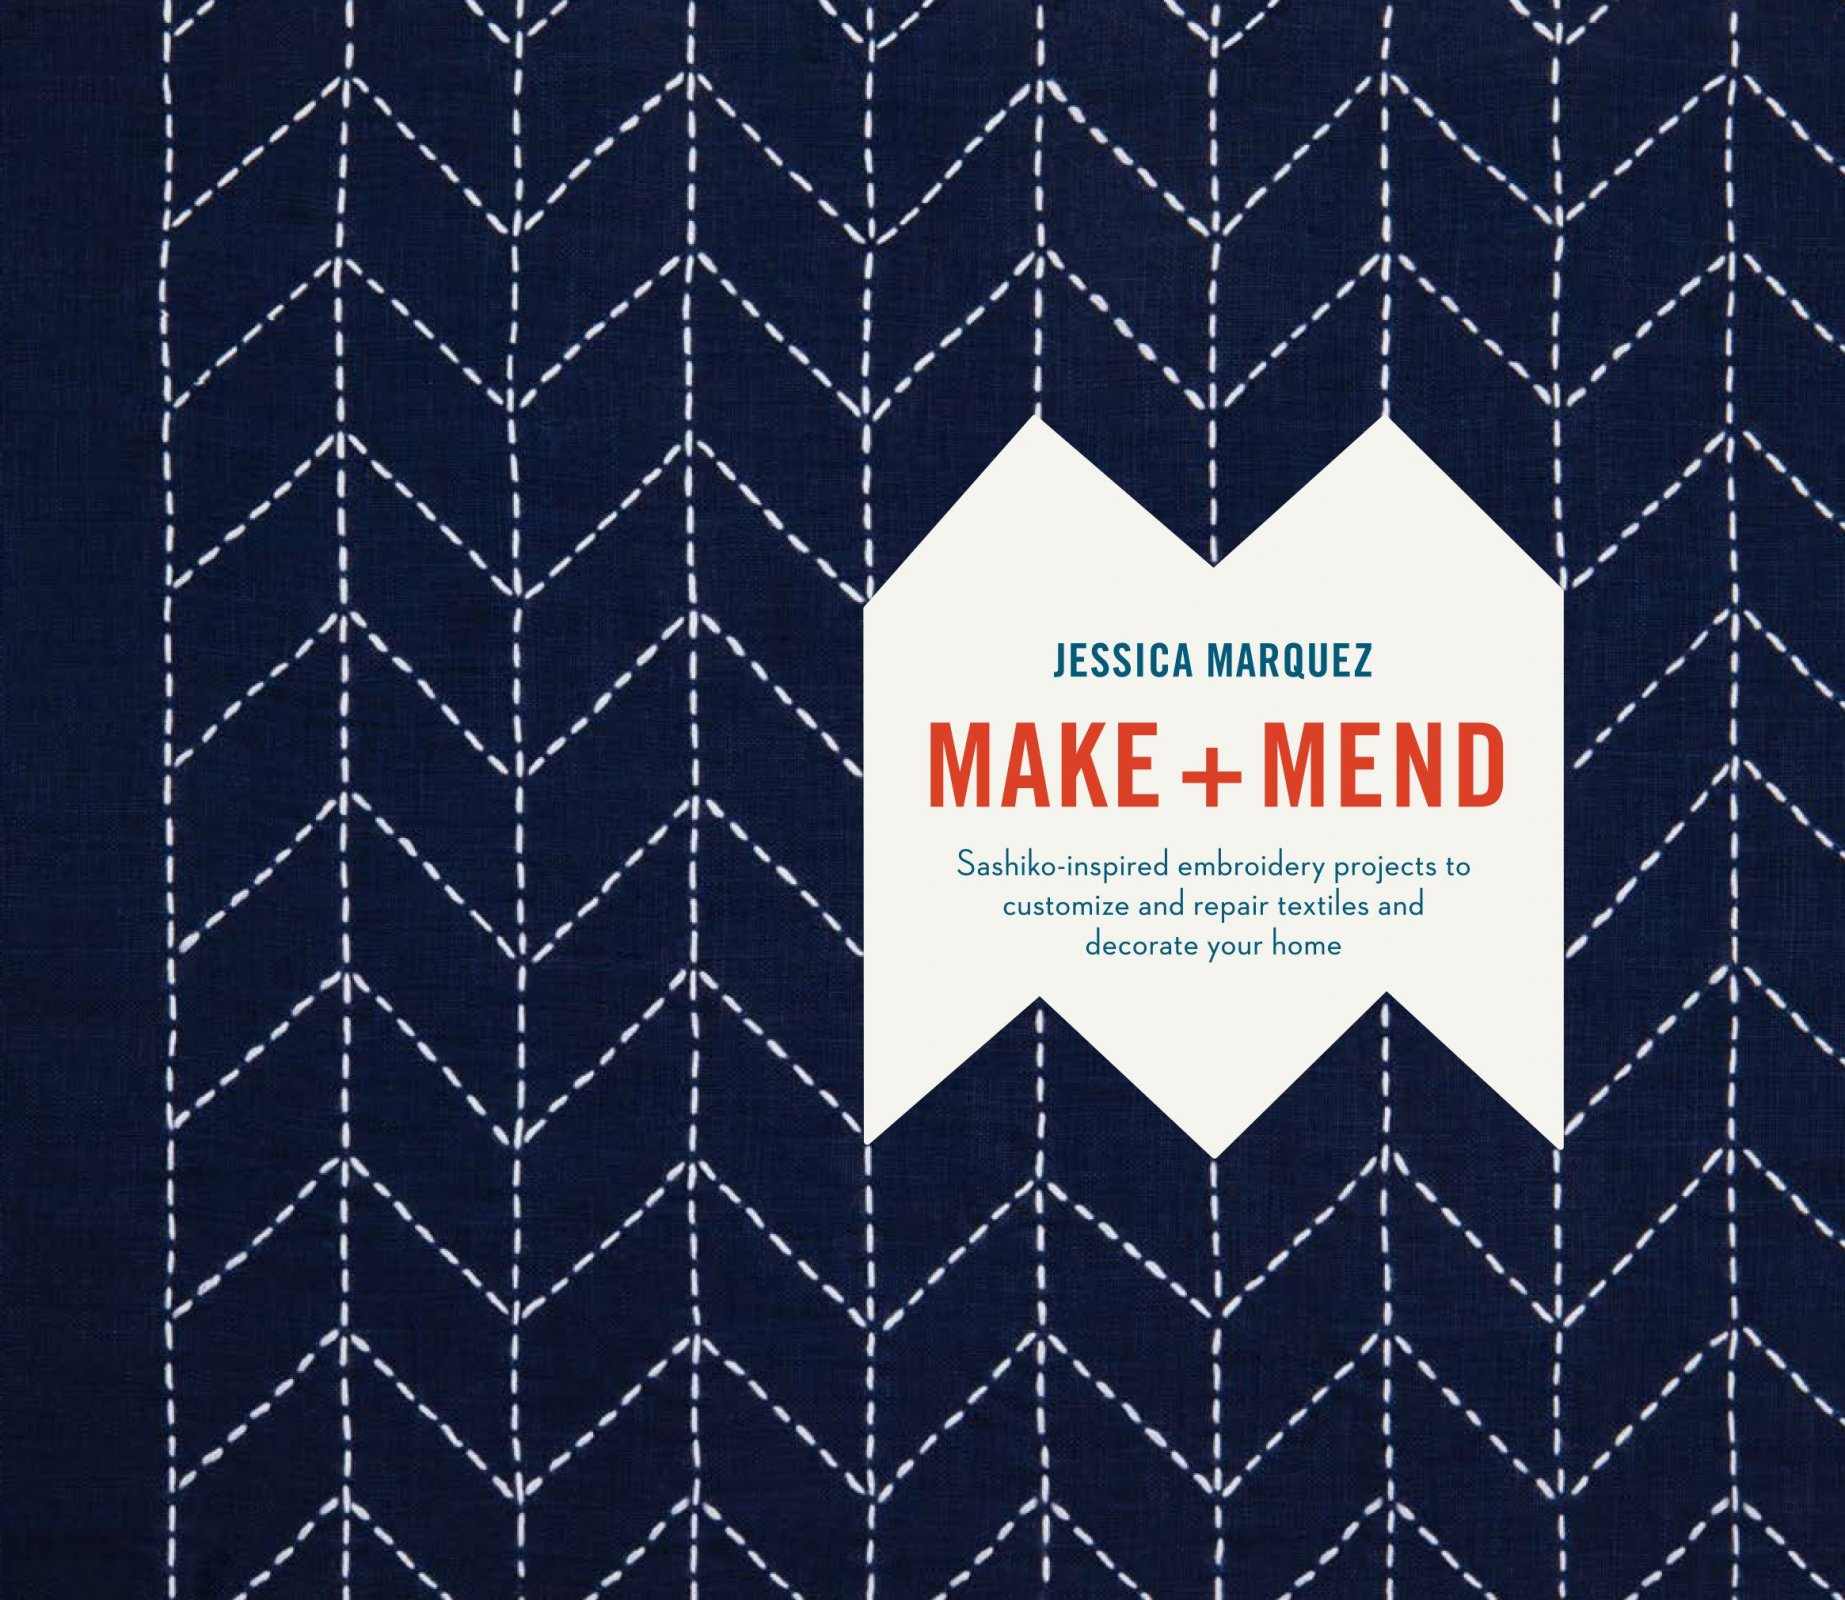 Make + Mend by Jessica Marquez